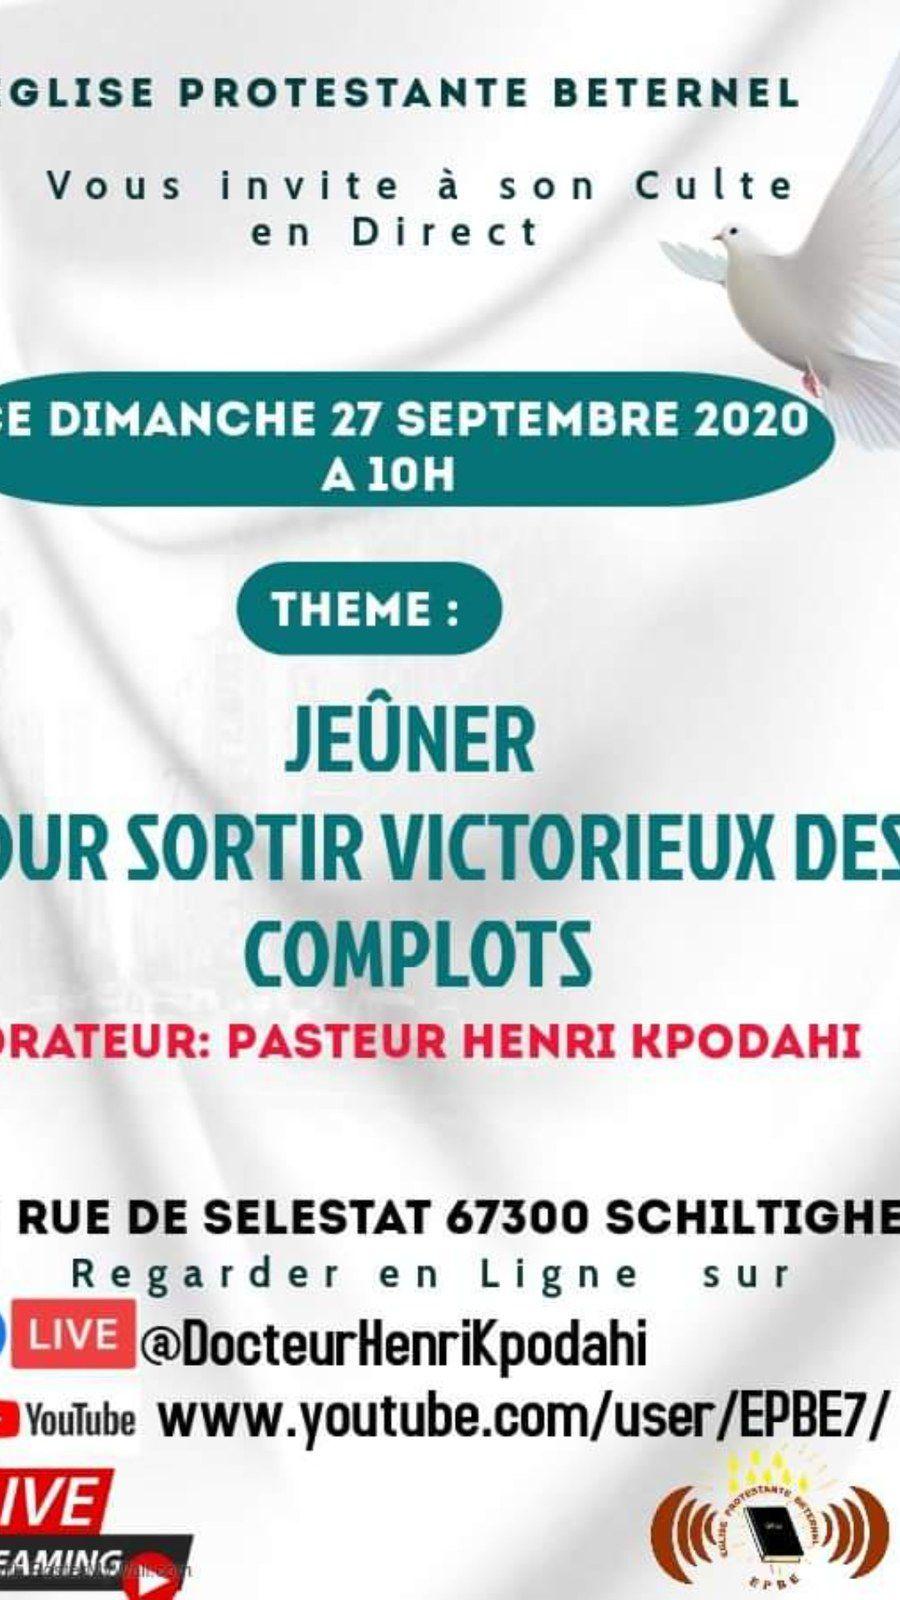 Invitation au culte en direct du dimanche 27 septembre 2020